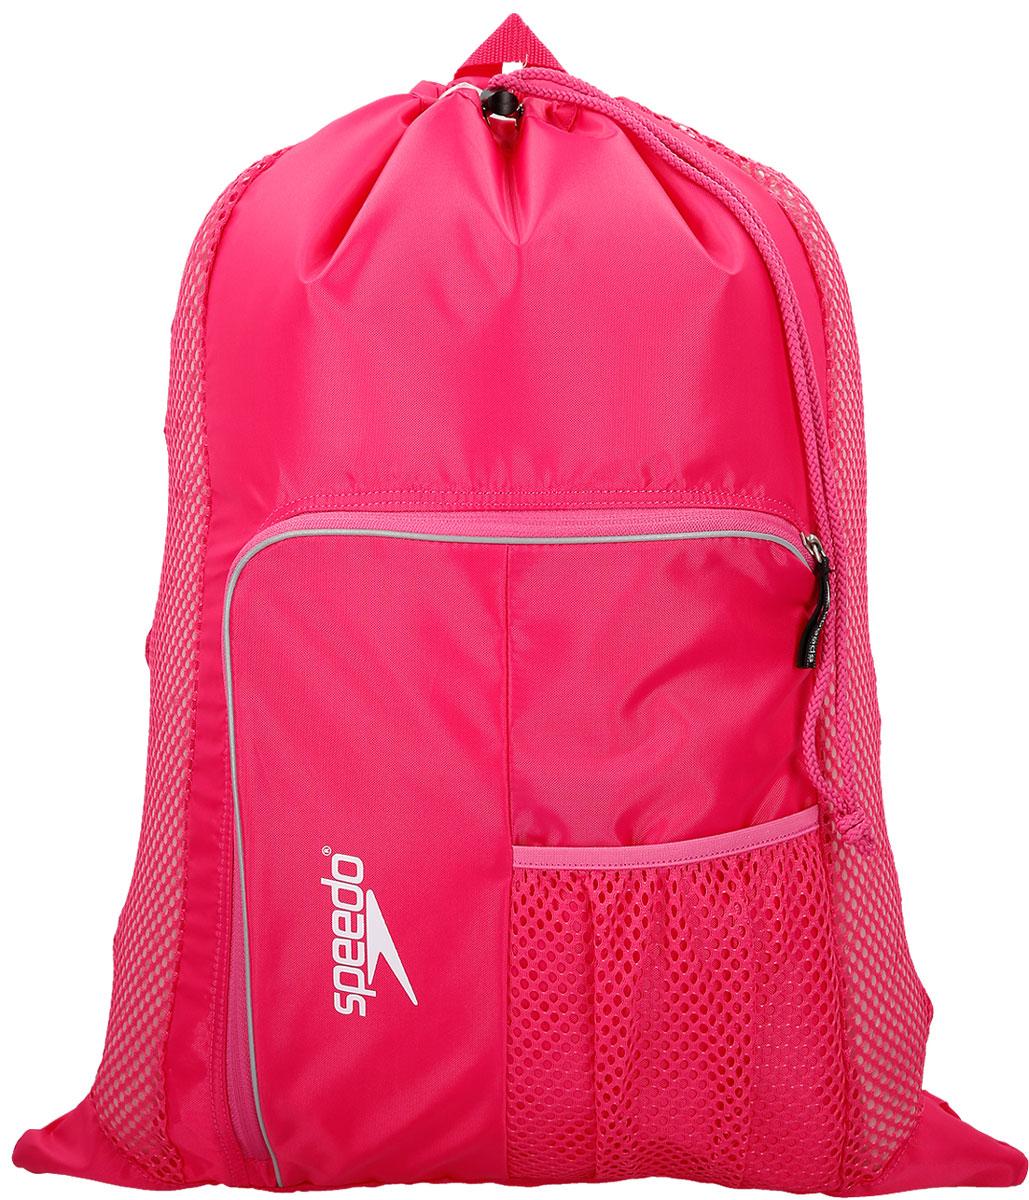 Мешок для мокрых вещей Speedo, цвет: розовый8-112341341Практичная и вместительная сумка-мешок идеально подходит для хранения вещей во время посещения бассейна. Использование сетки в качестве материала обеспечивает прекрасную вентиляцию и позволяет вещам быстро сохнуть.